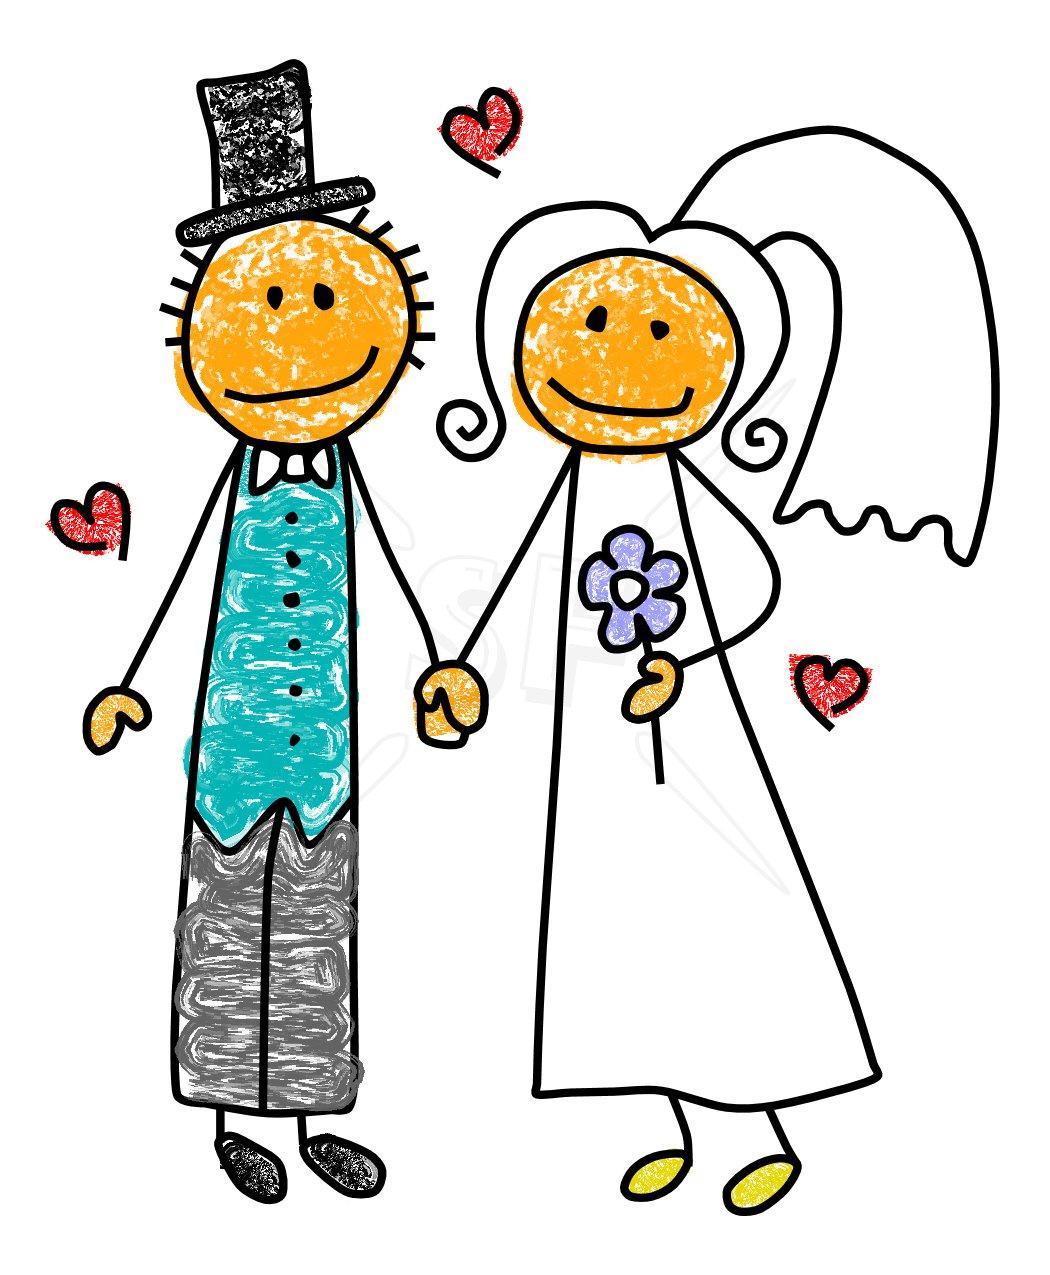 Bride Clip Art u0026 Bride Clip Art Clip-Bride Clip Art u0026 Bride Clip Art Clip Art Images - ClipartALL clipartall.com-0